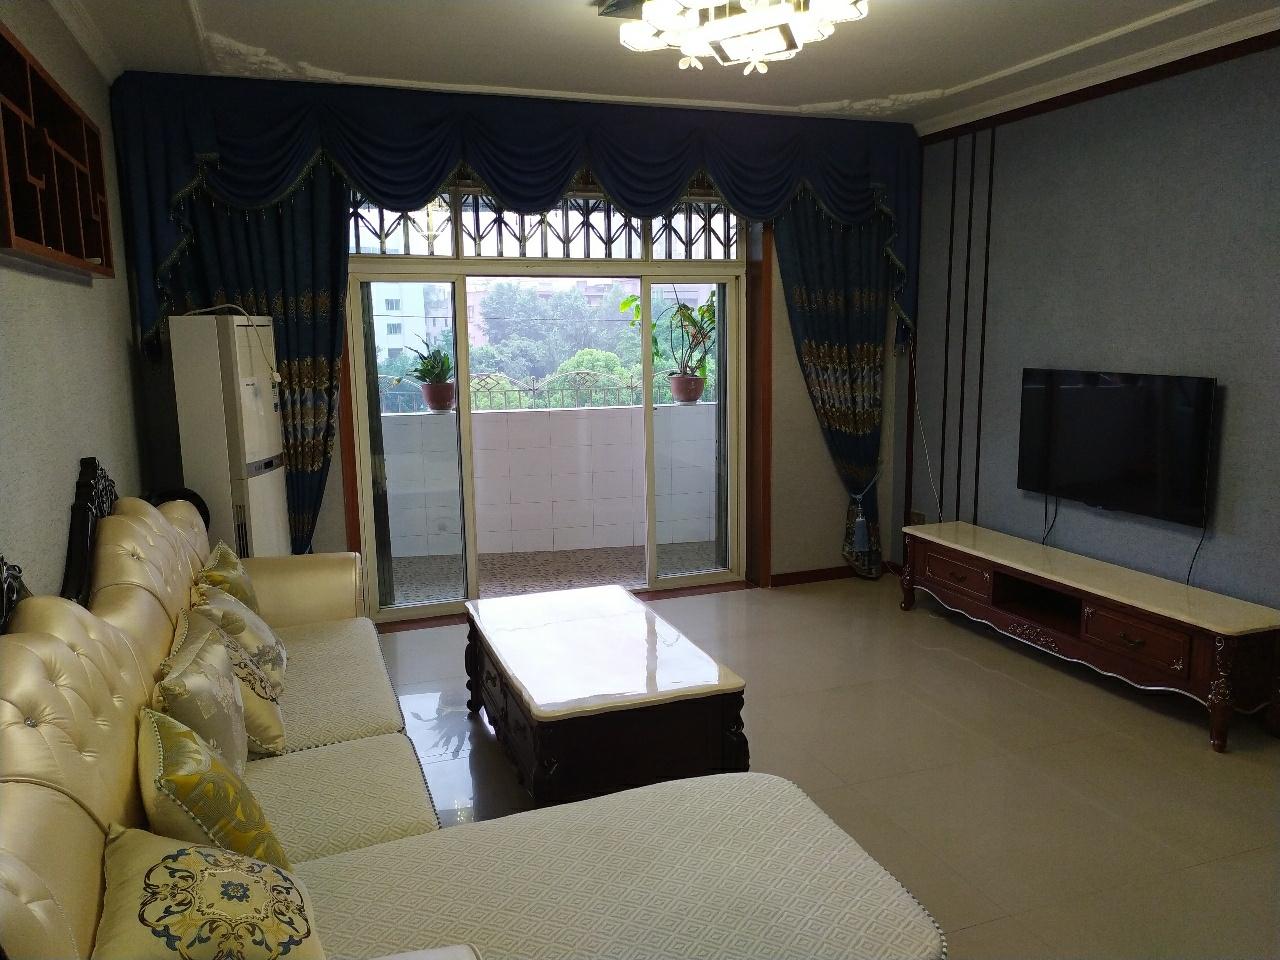 潤泰花園3室 2廳 1衛45.8萬元,可讀一小足中